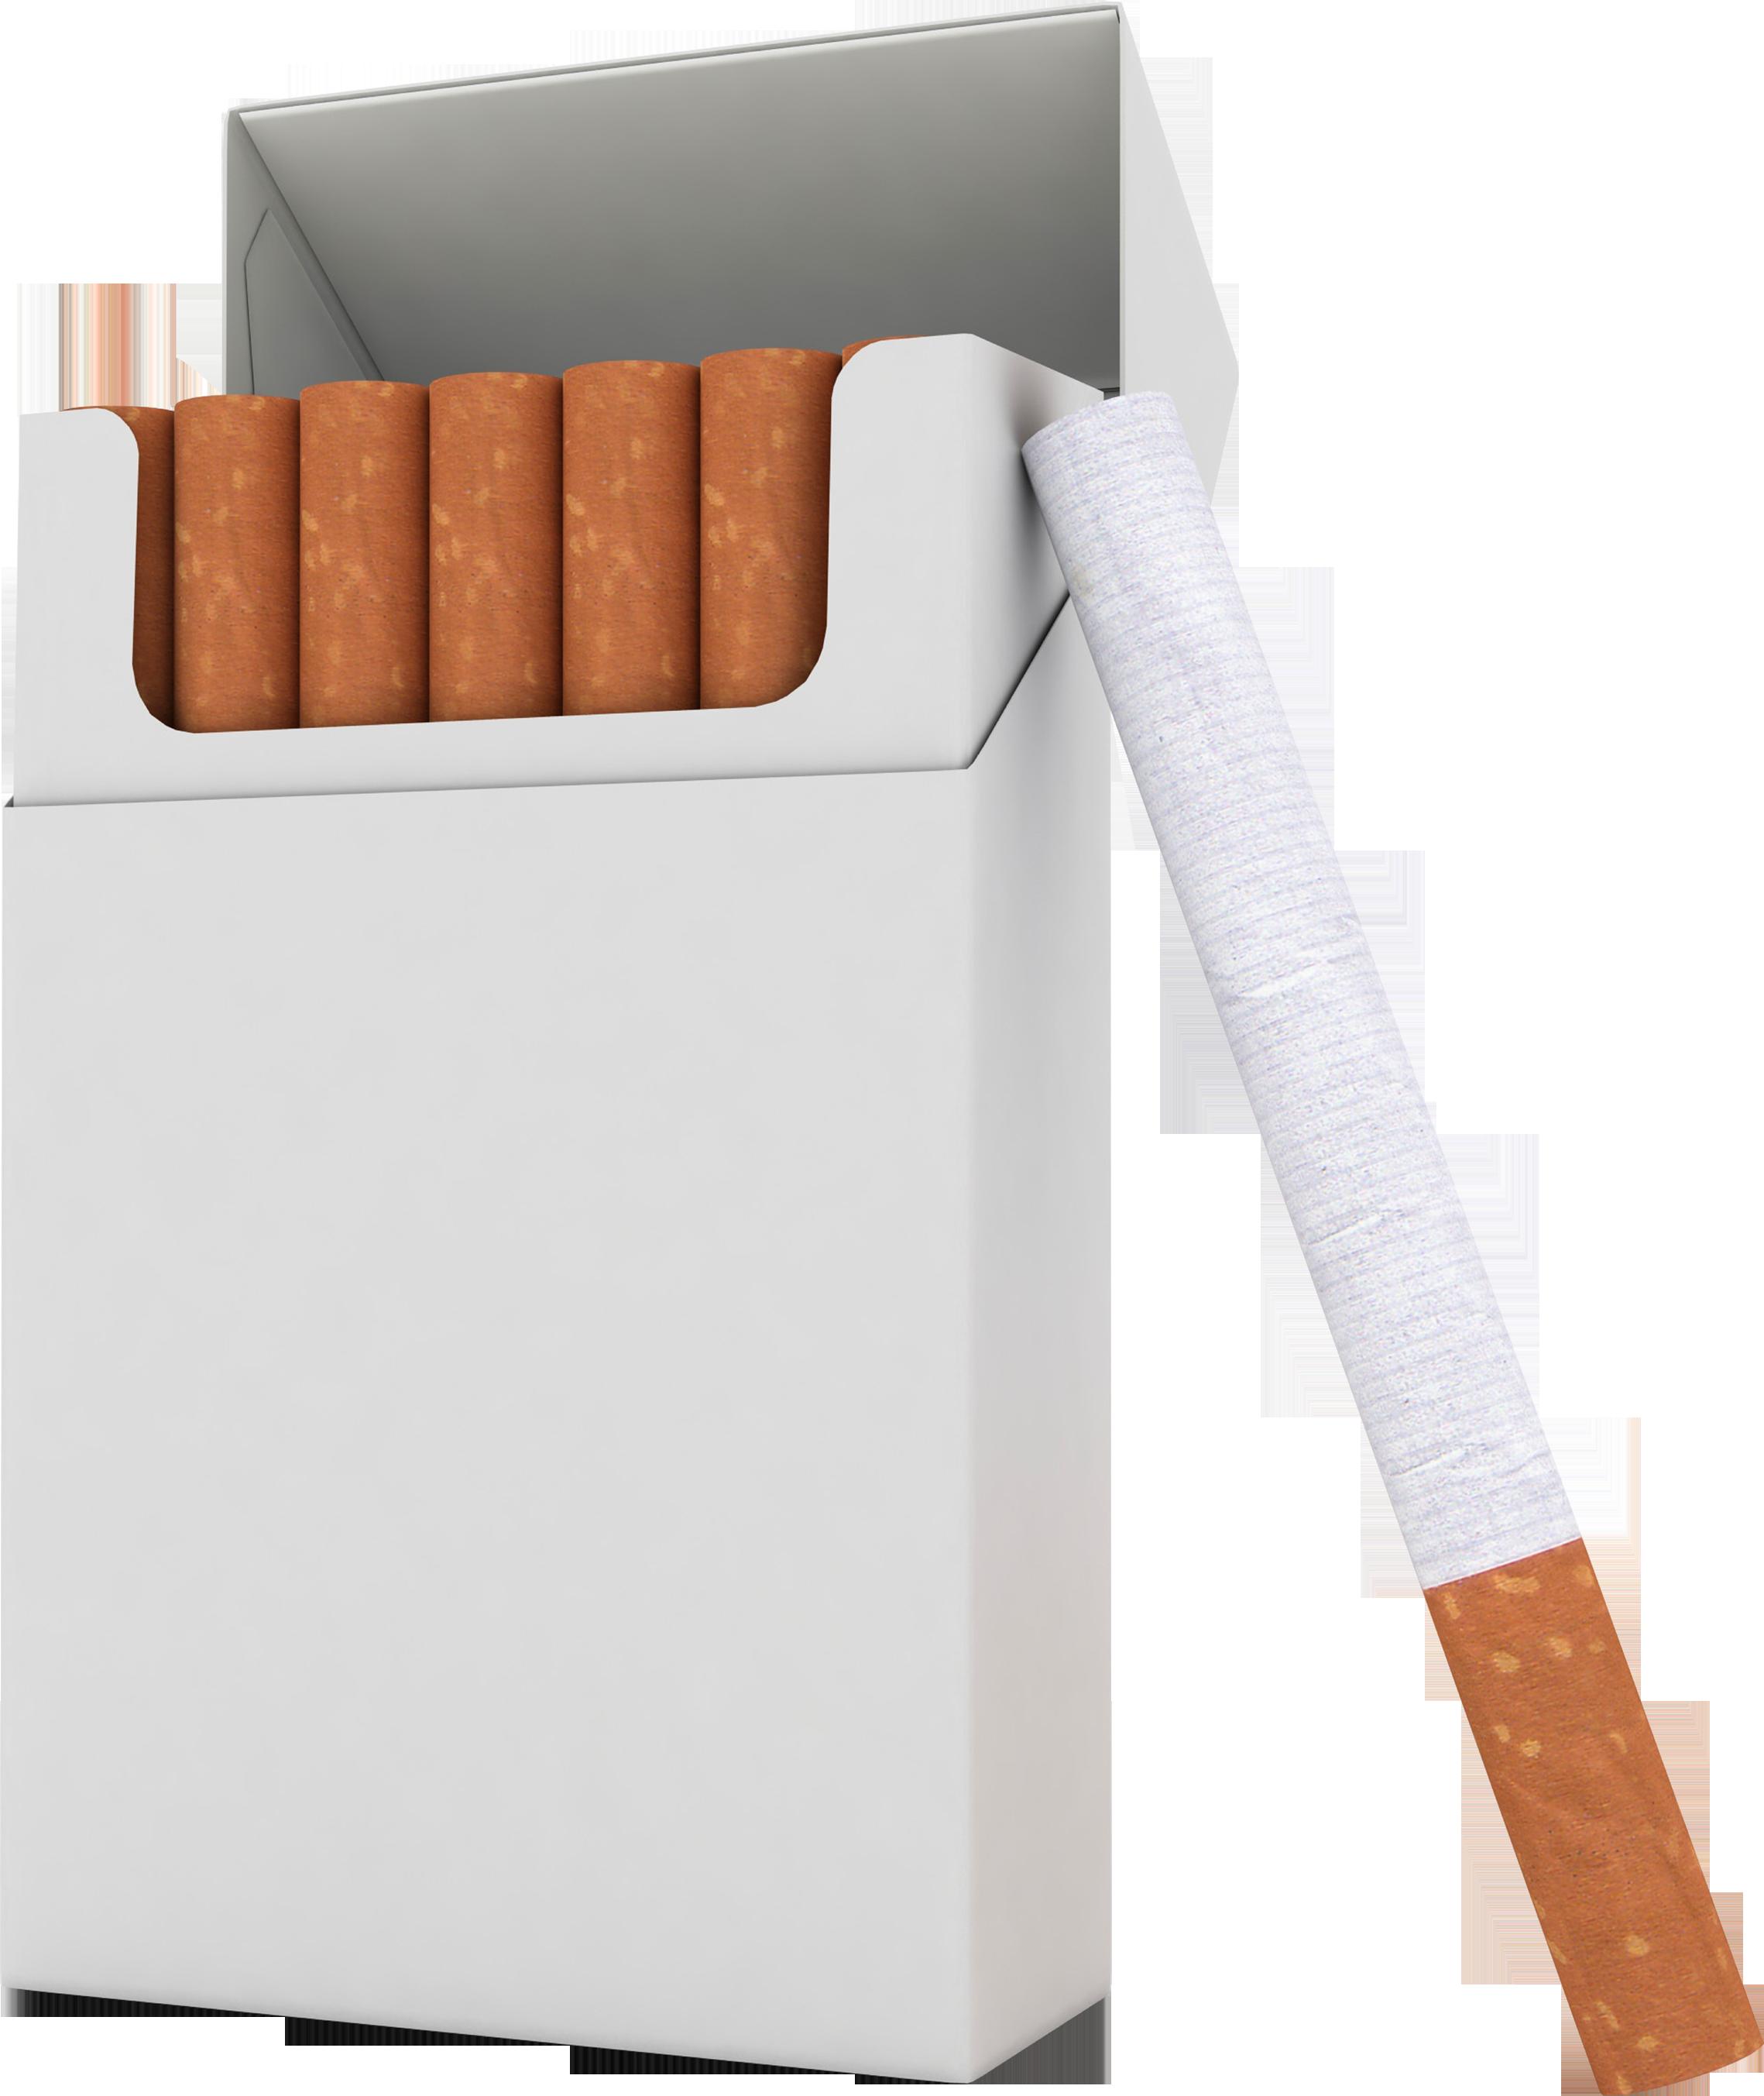 Download PNG image: Cigarette pack PNG image